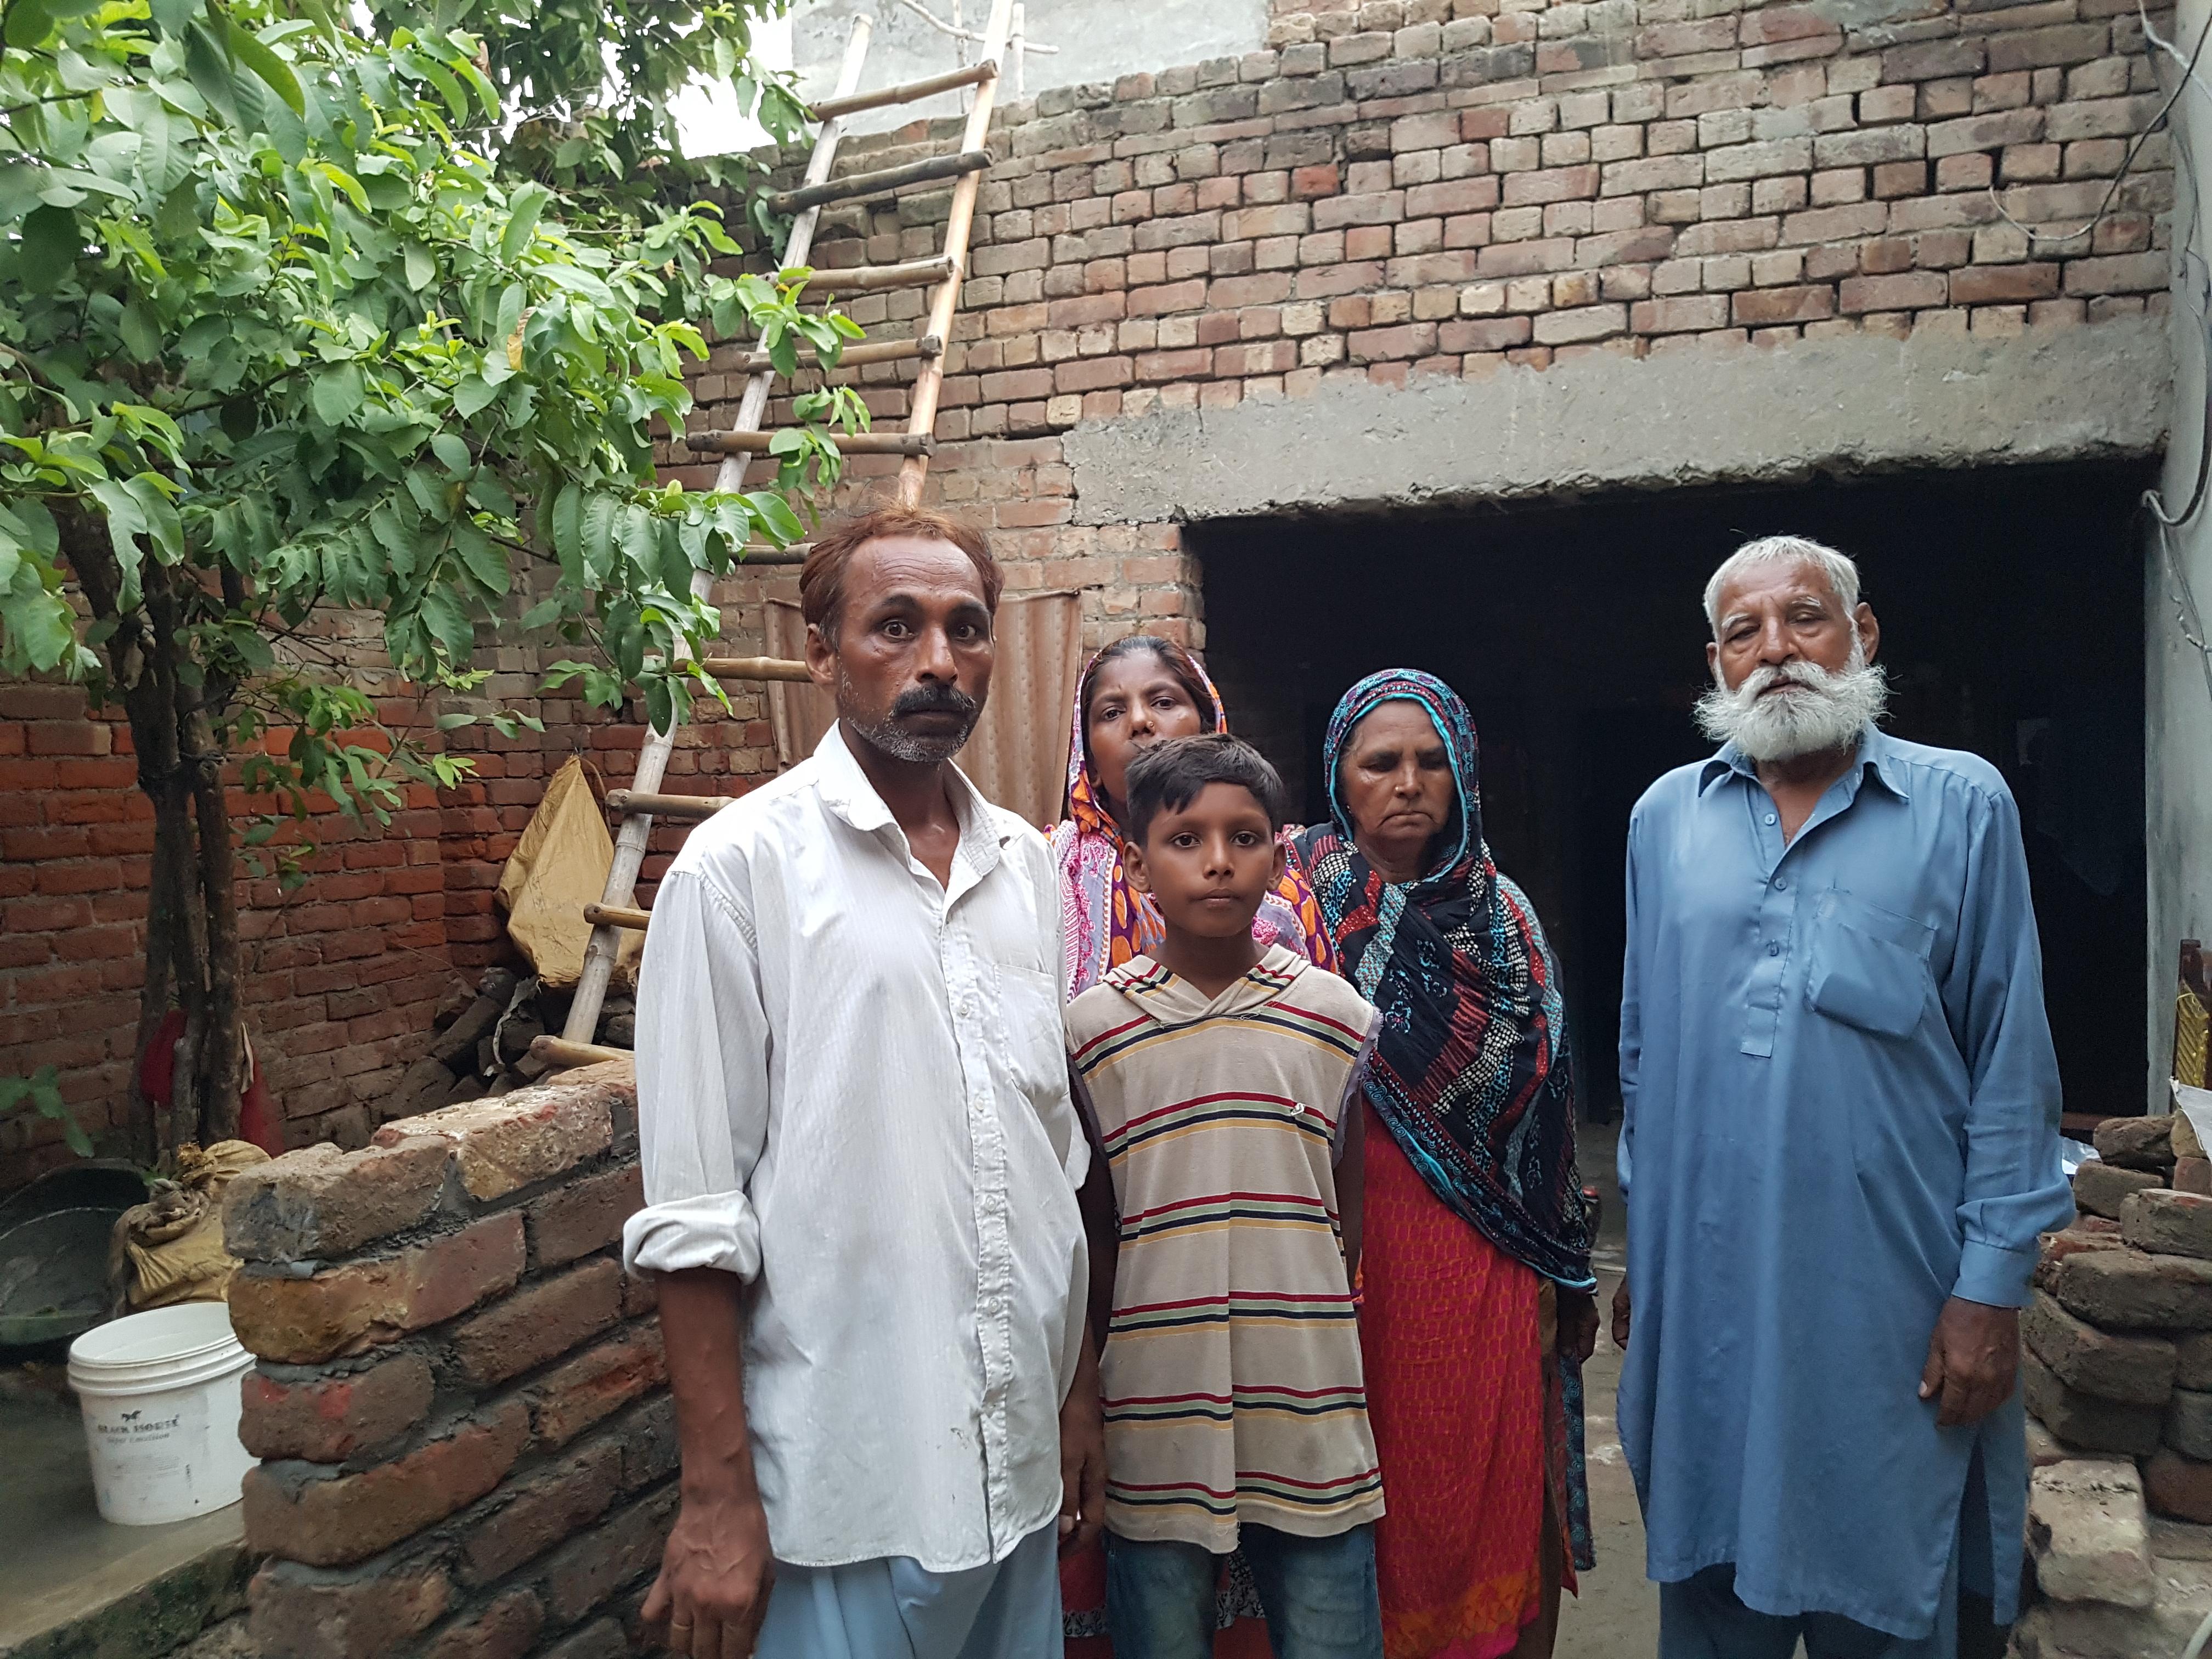 TESTIMONIO: Católico paquistaní, liberado tras cinco años en prisión por un asesinato que no cometió